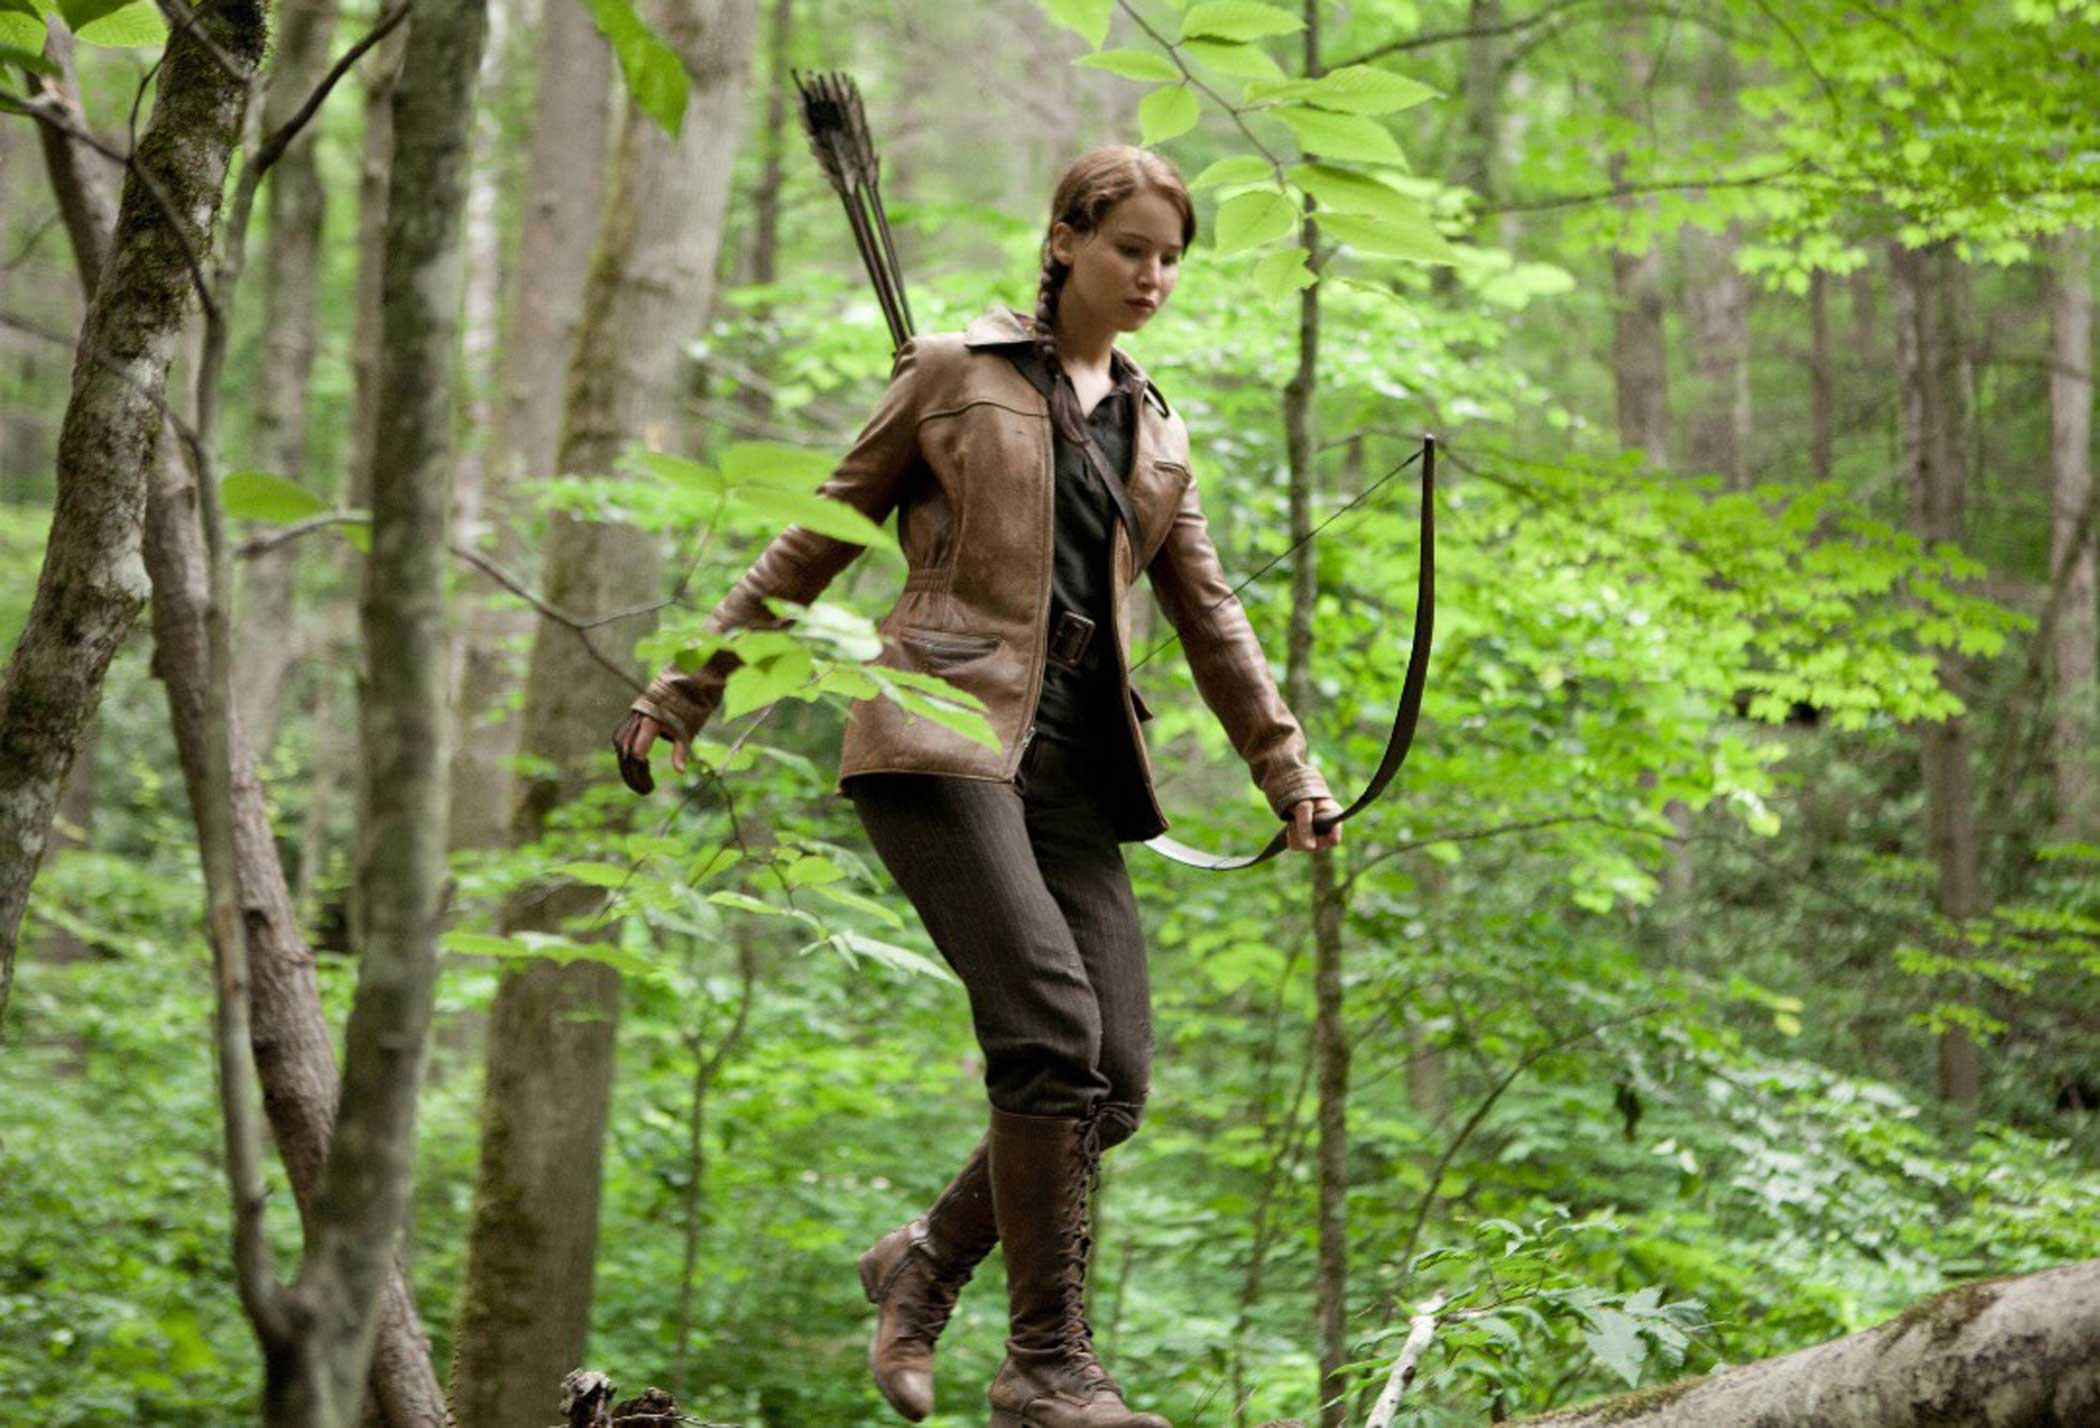 Jennifer Lawrence as Katniss Everdine in The Hunger Games, 2012.